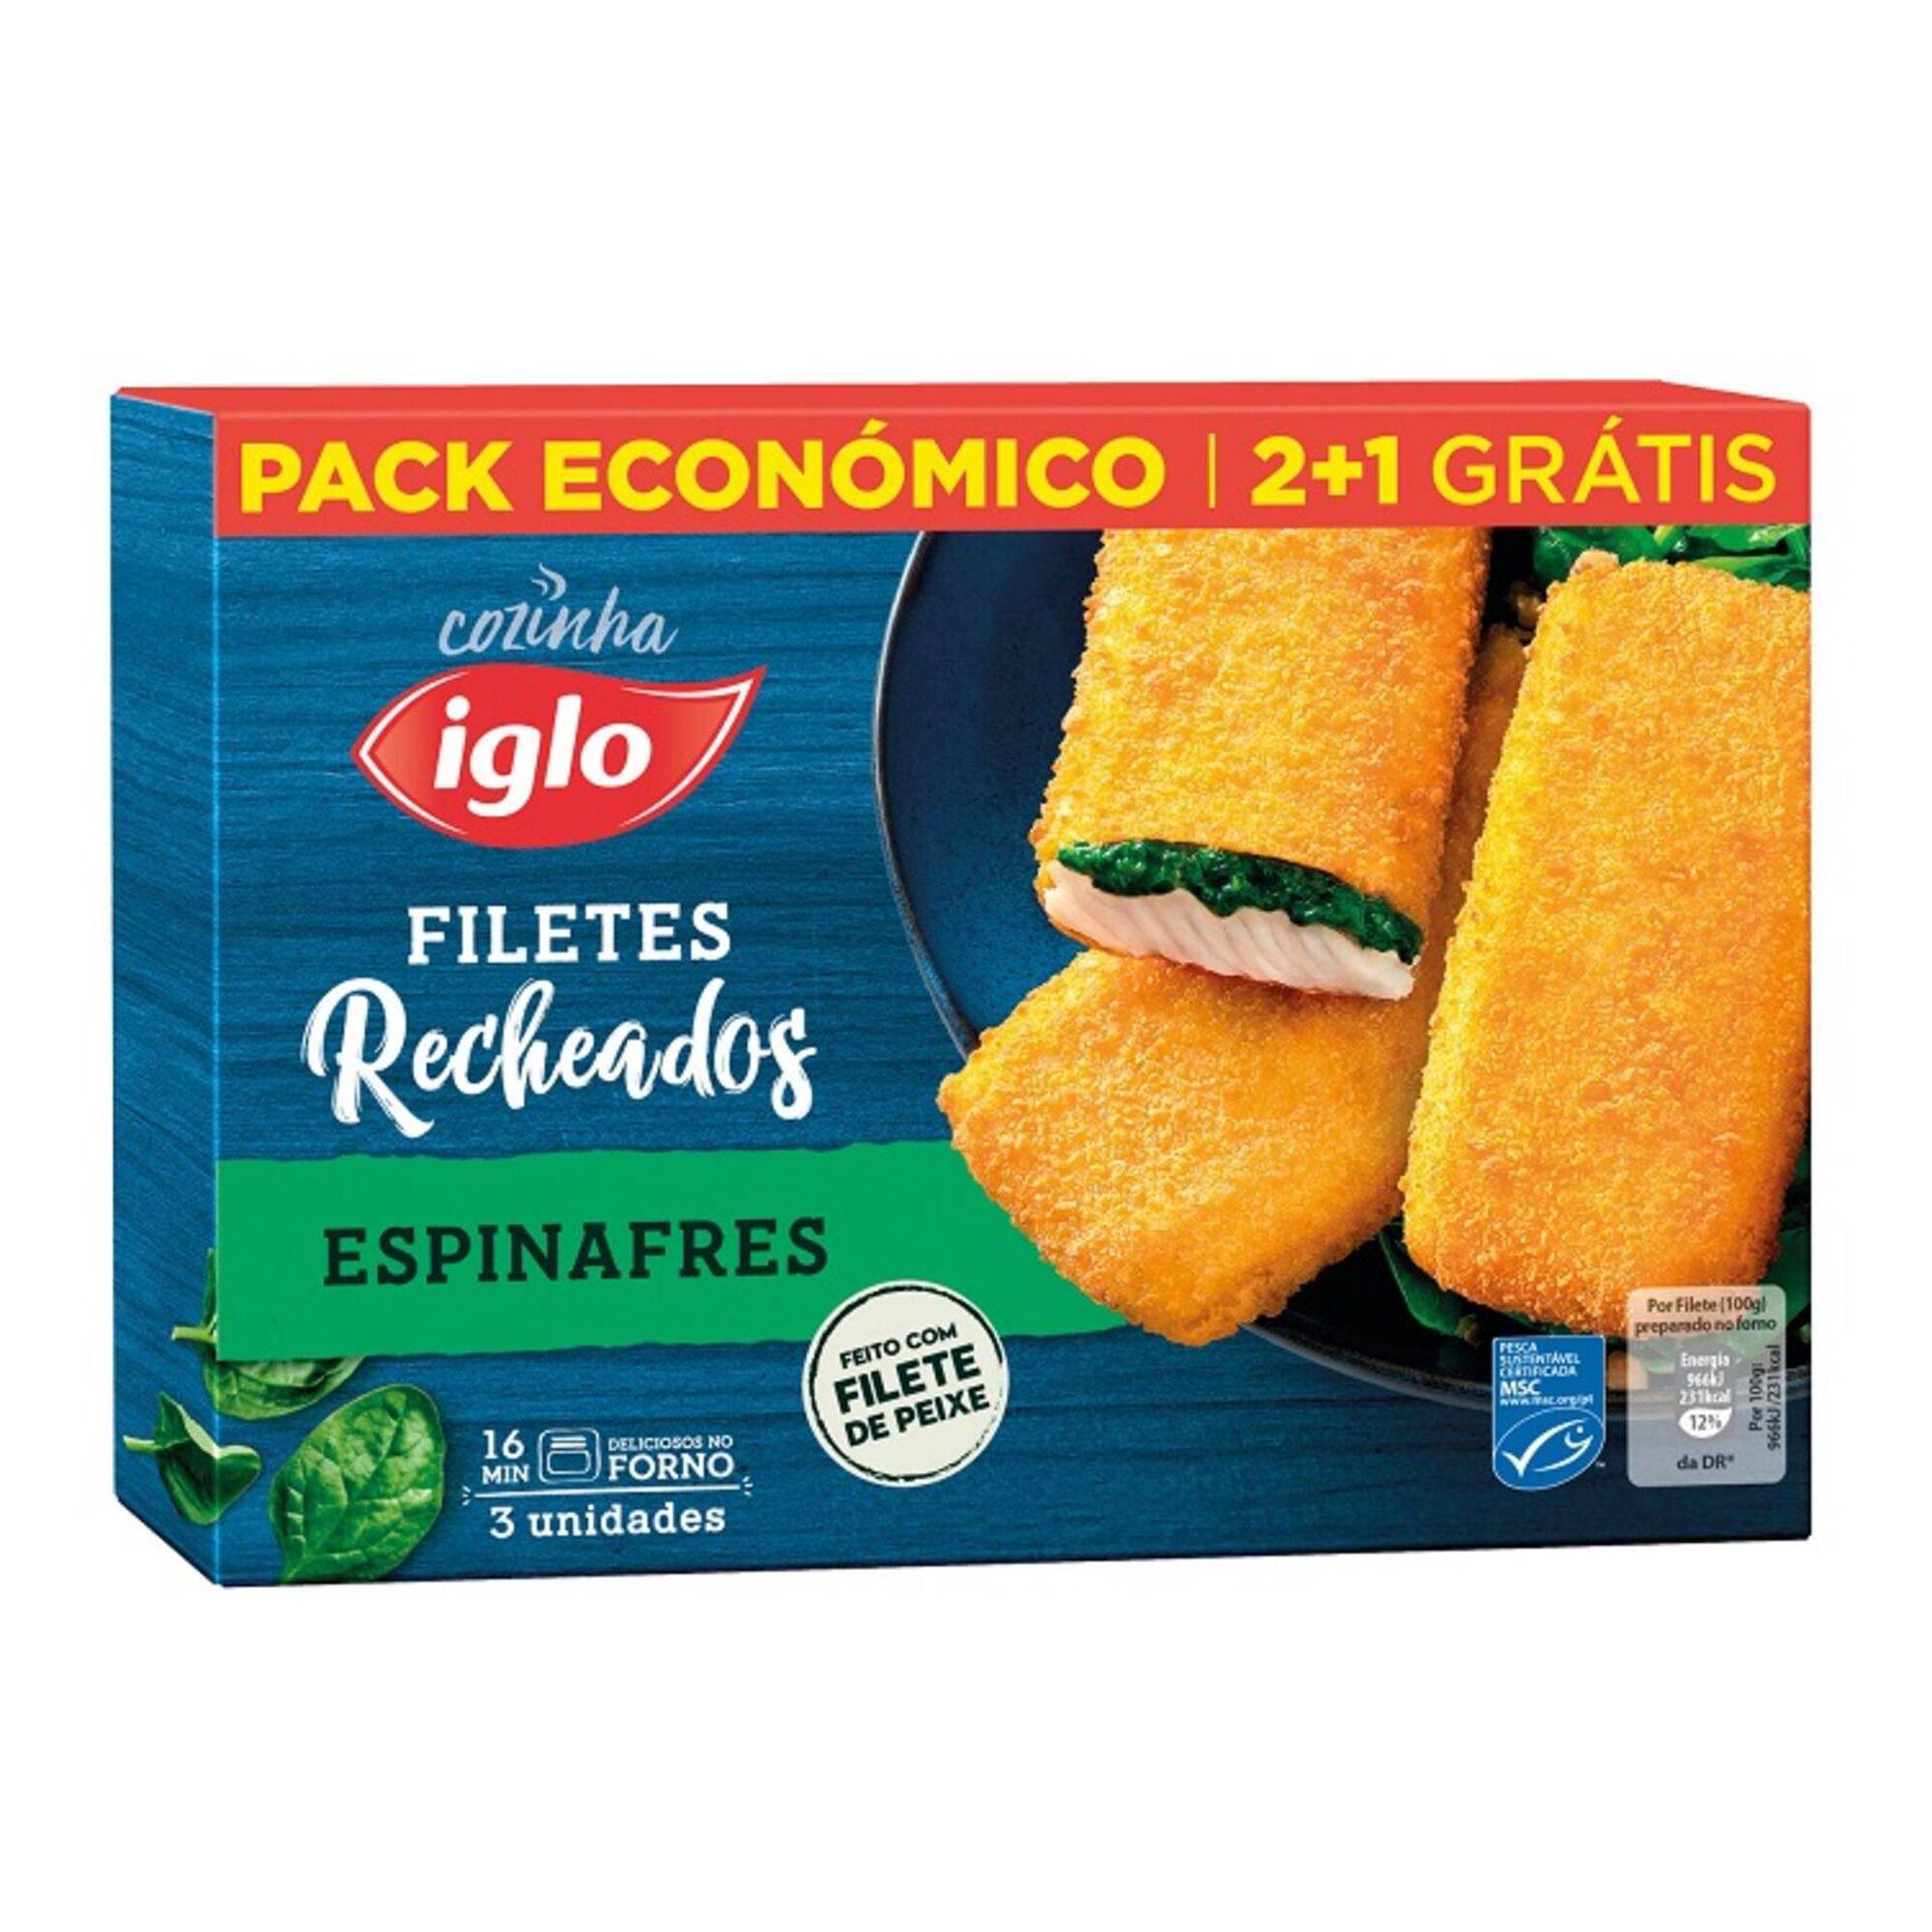 Filetes Recheados Espinafres